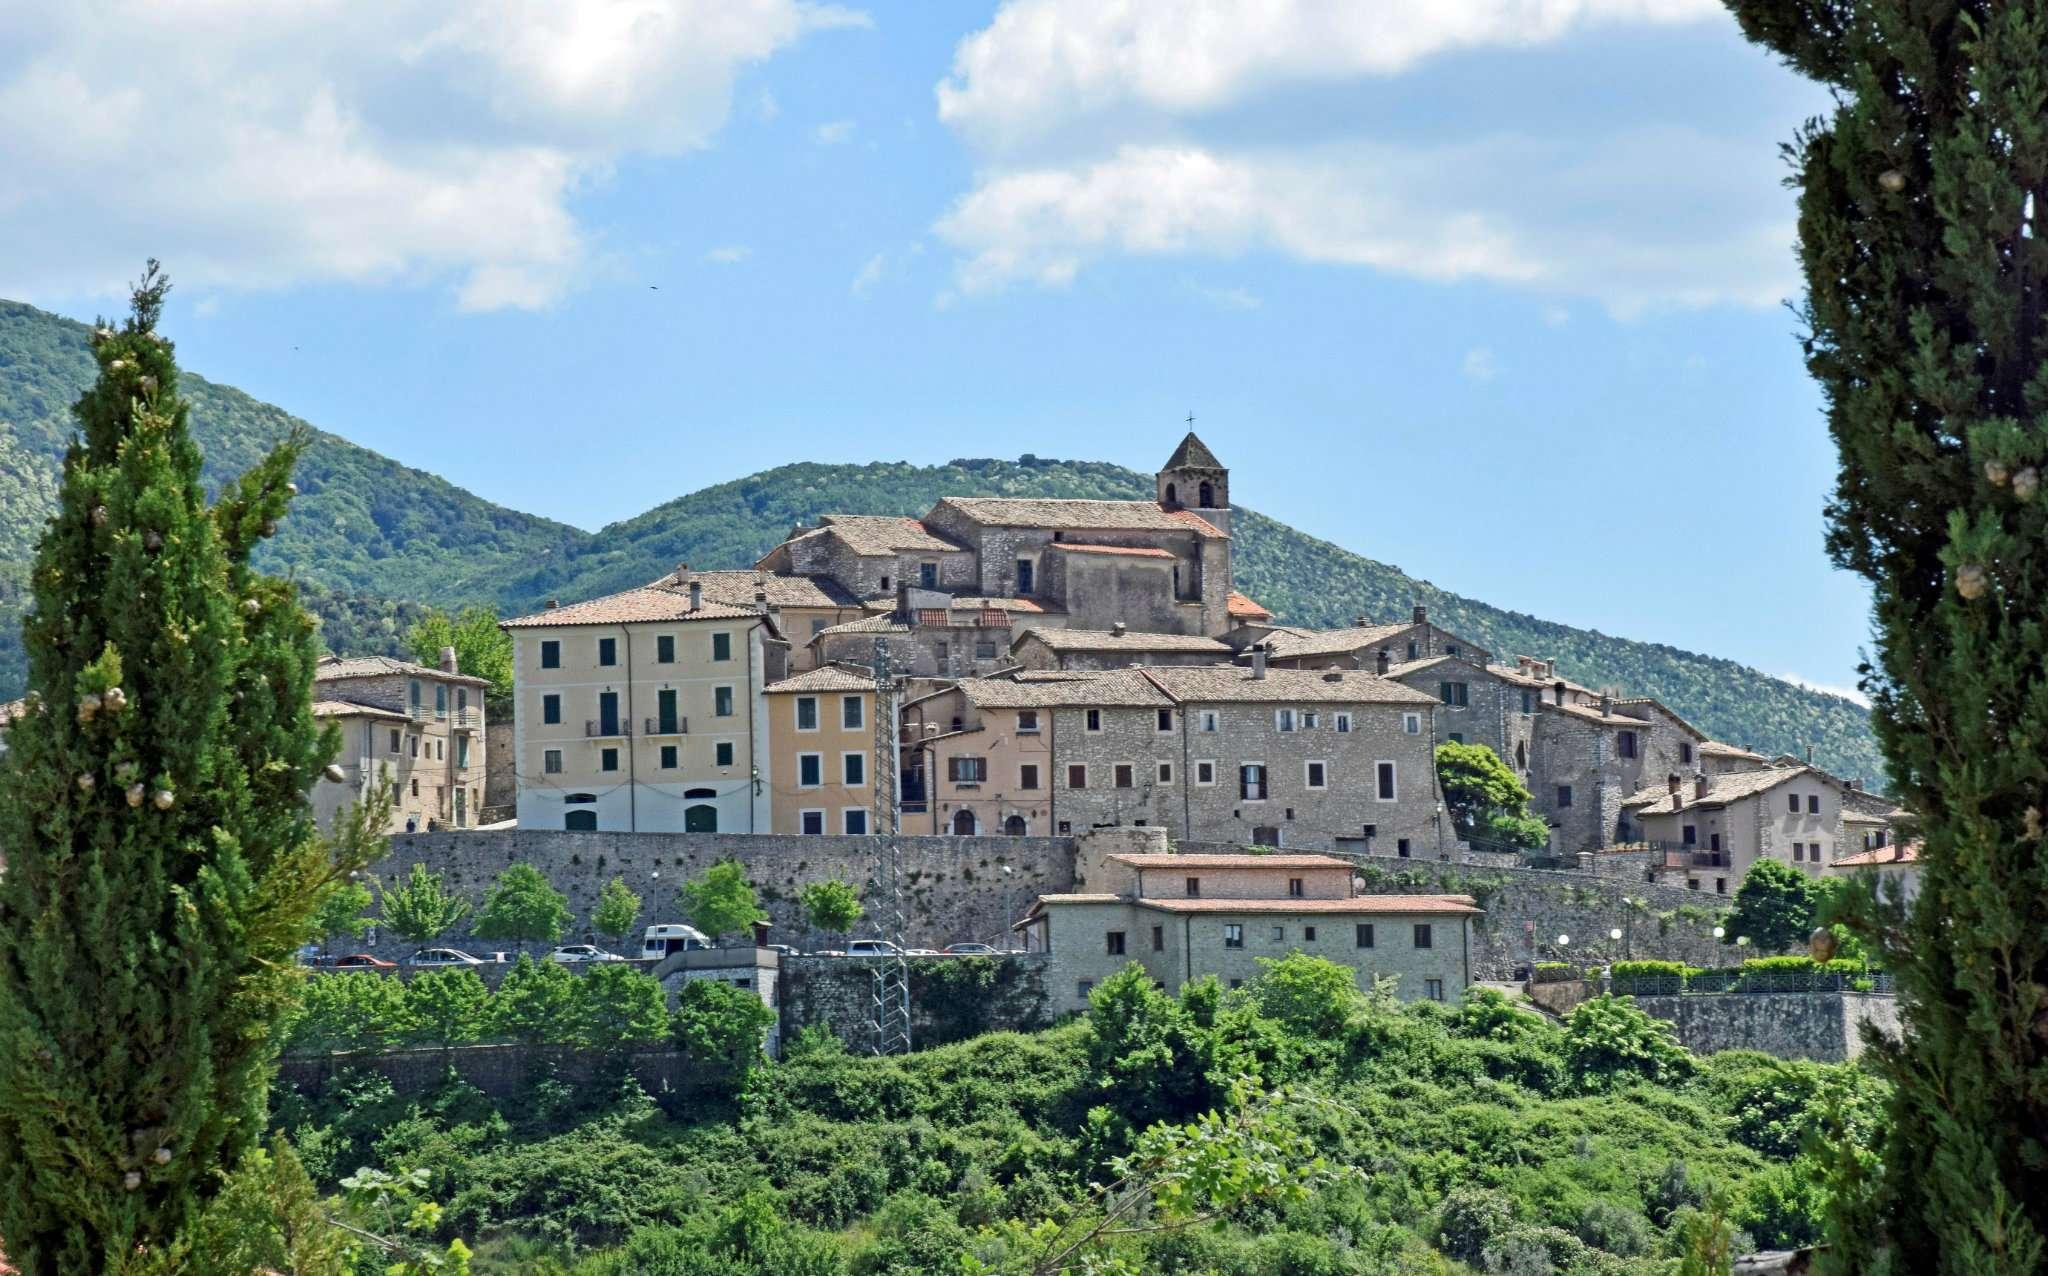 Villa in vendita a Cottanello, 7 locali, prezzo € 189.000 | CambioCasa.it